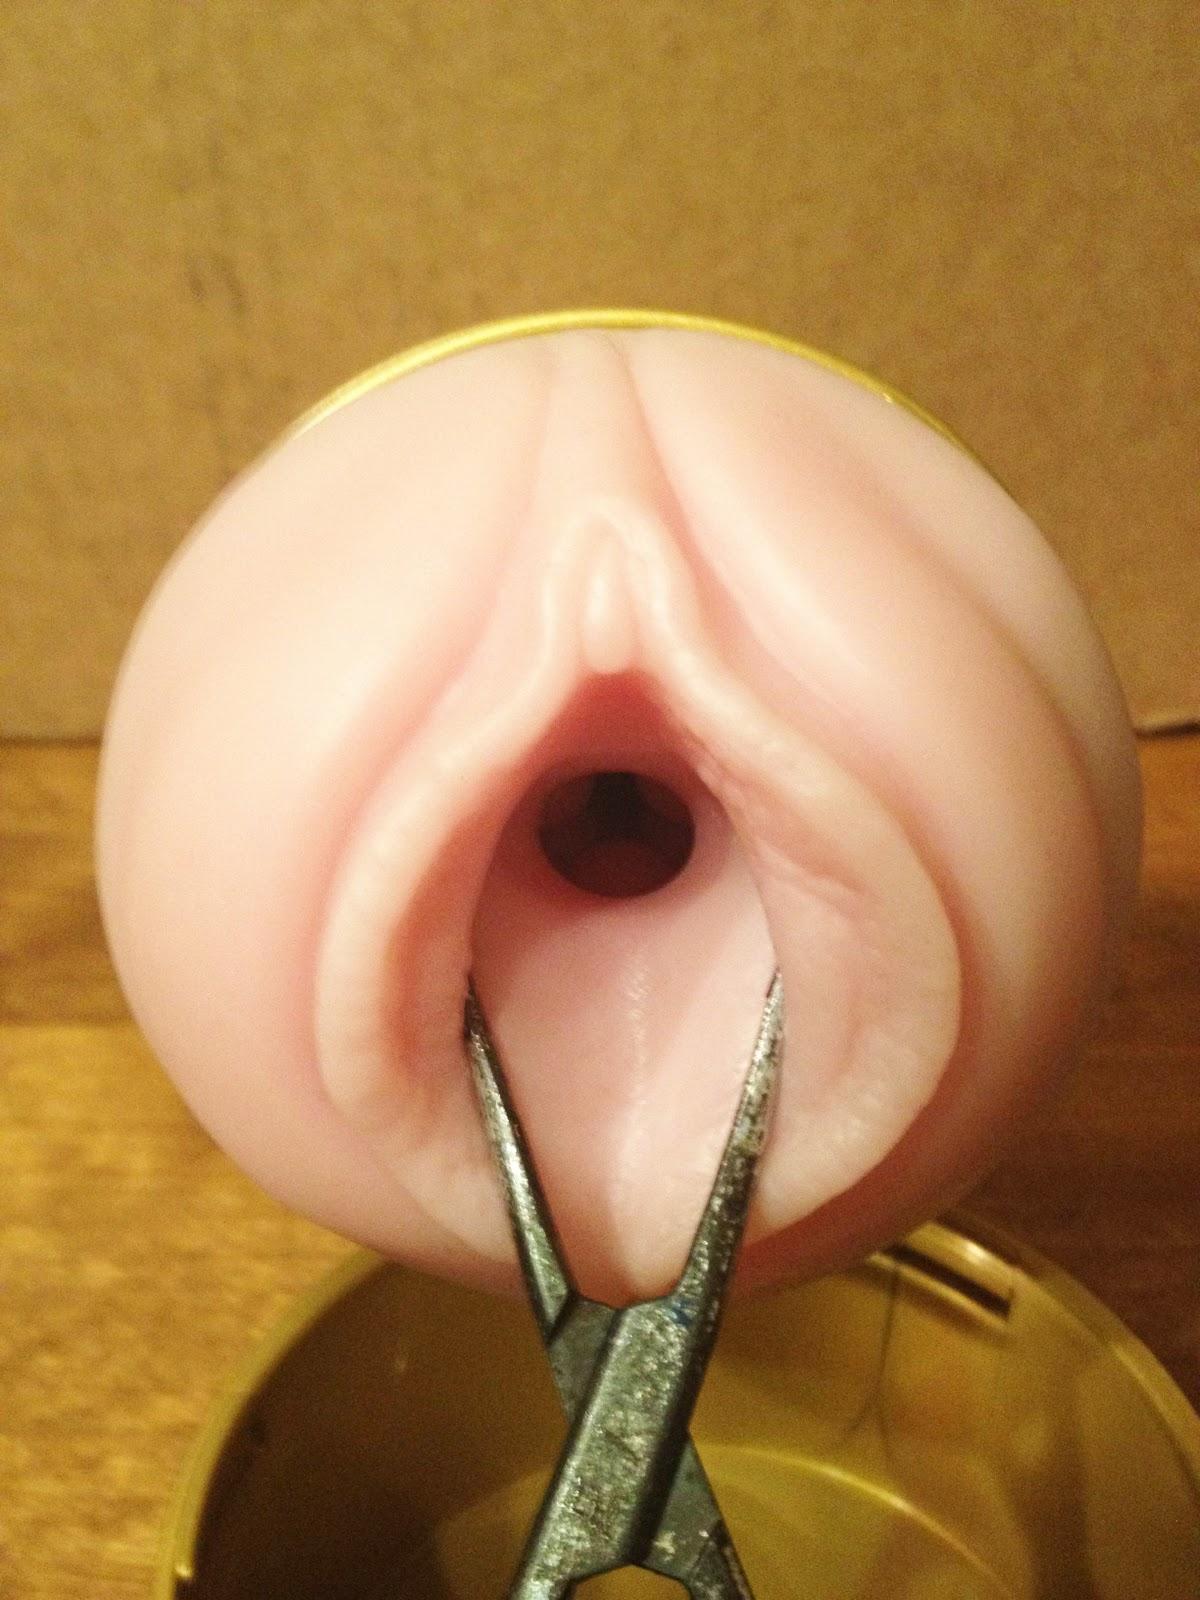 fleshlight inside vagina